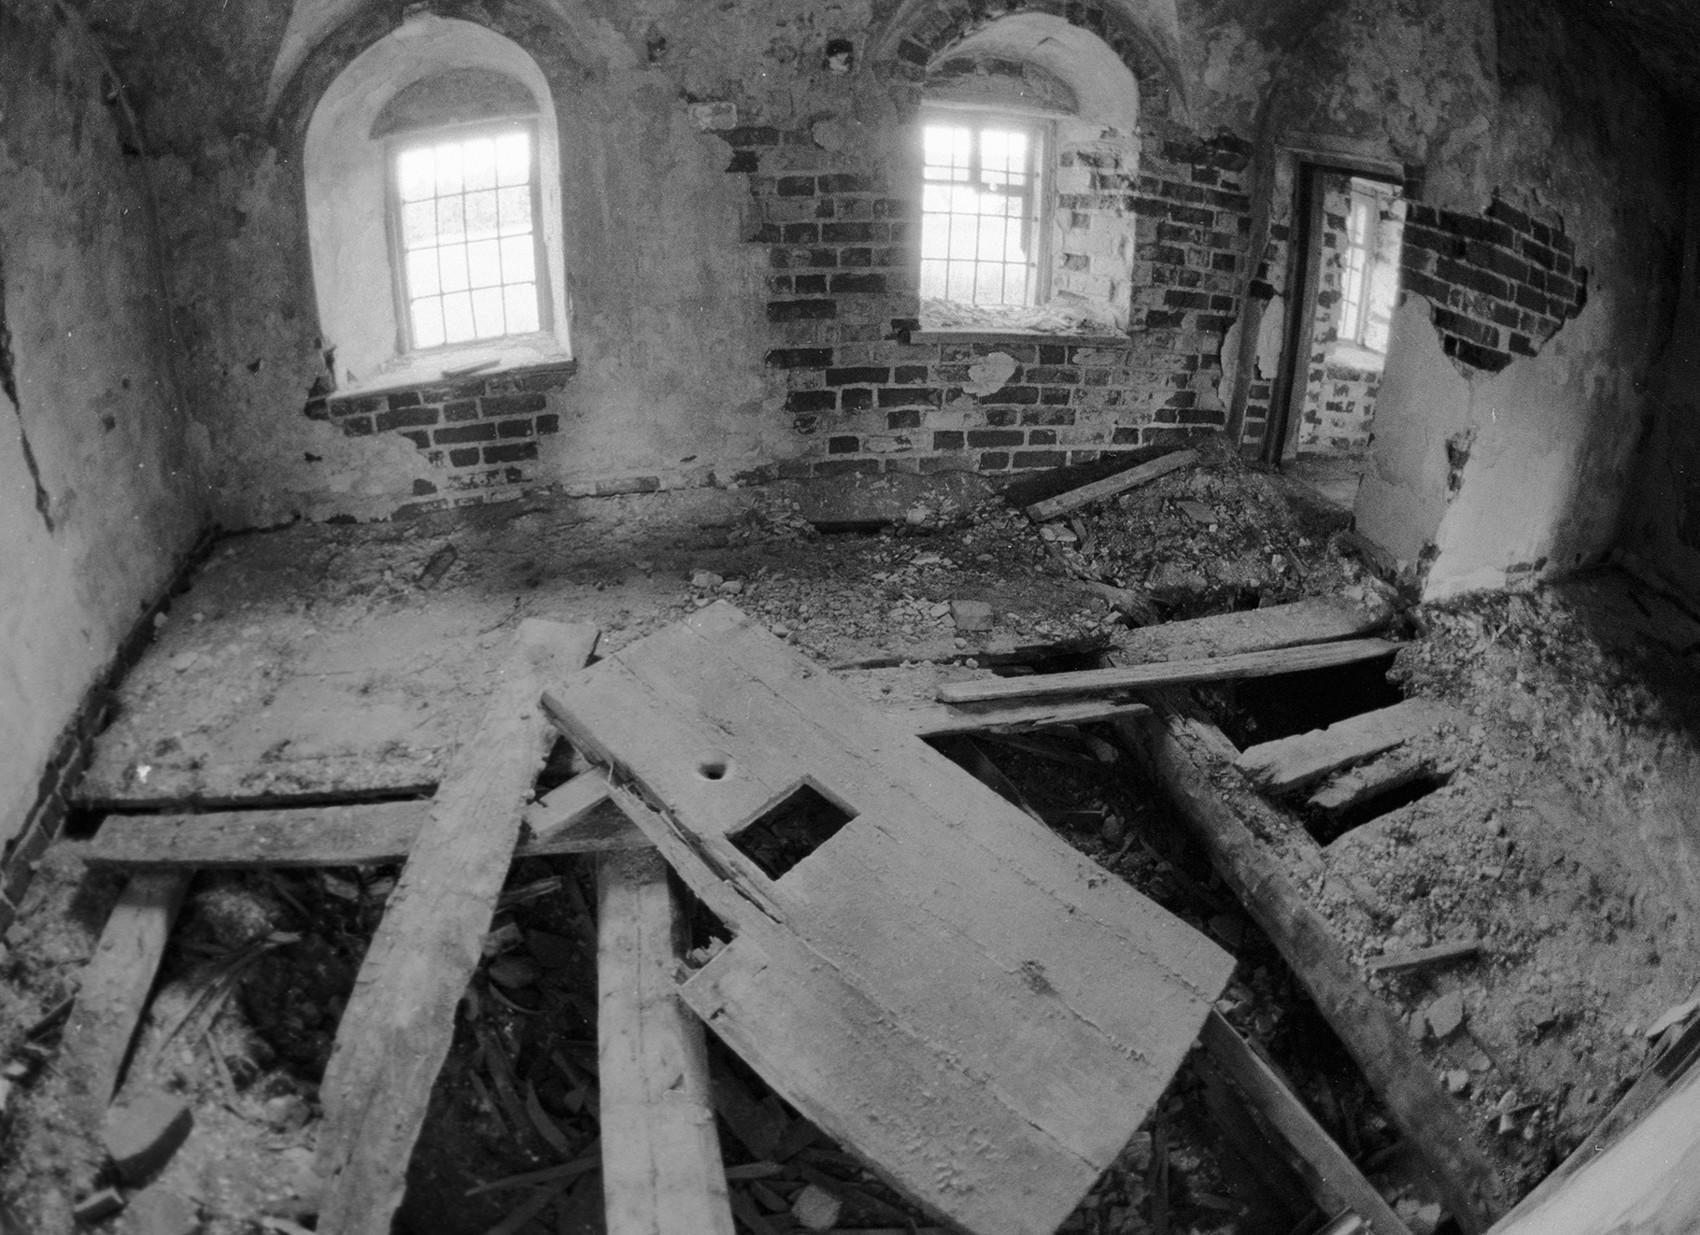 Cela de prisão em uma igreja.